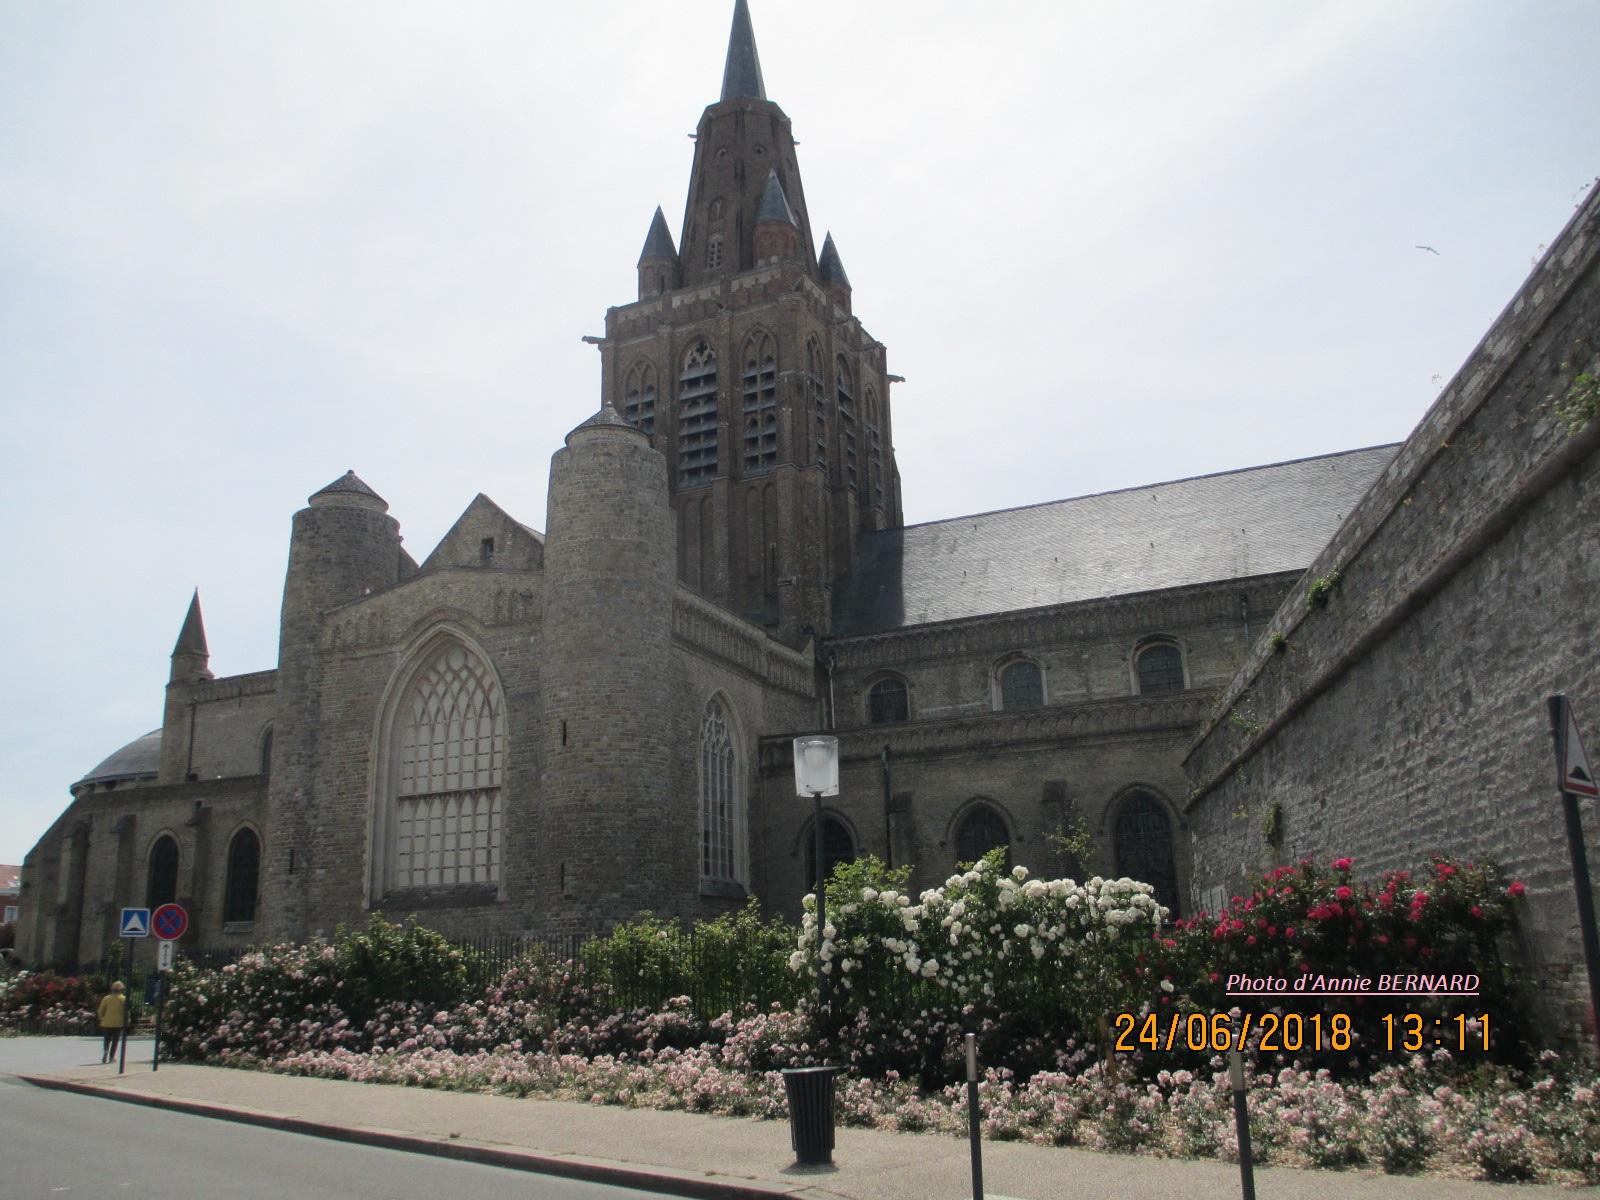 Eglise Notre-Dame de Calais agréablement fleurie